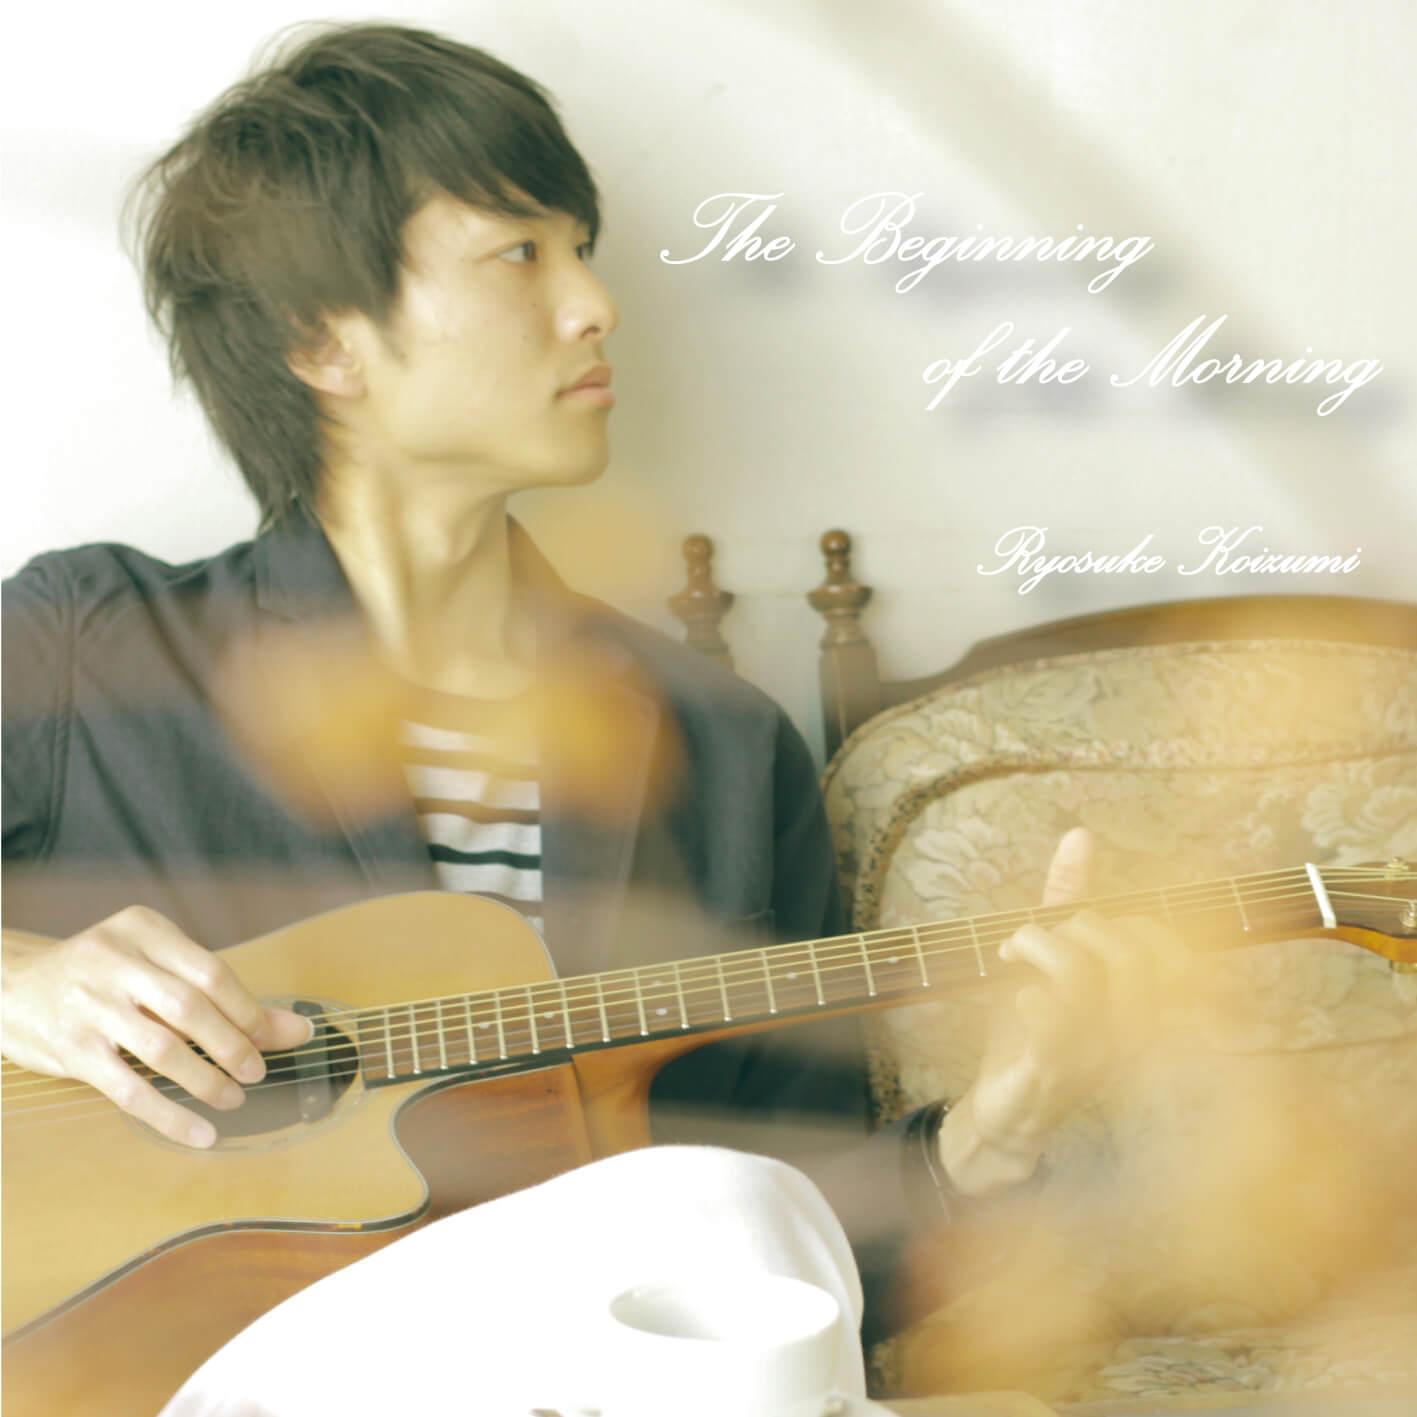 小泉涼介-the-beginning-of-the-morning